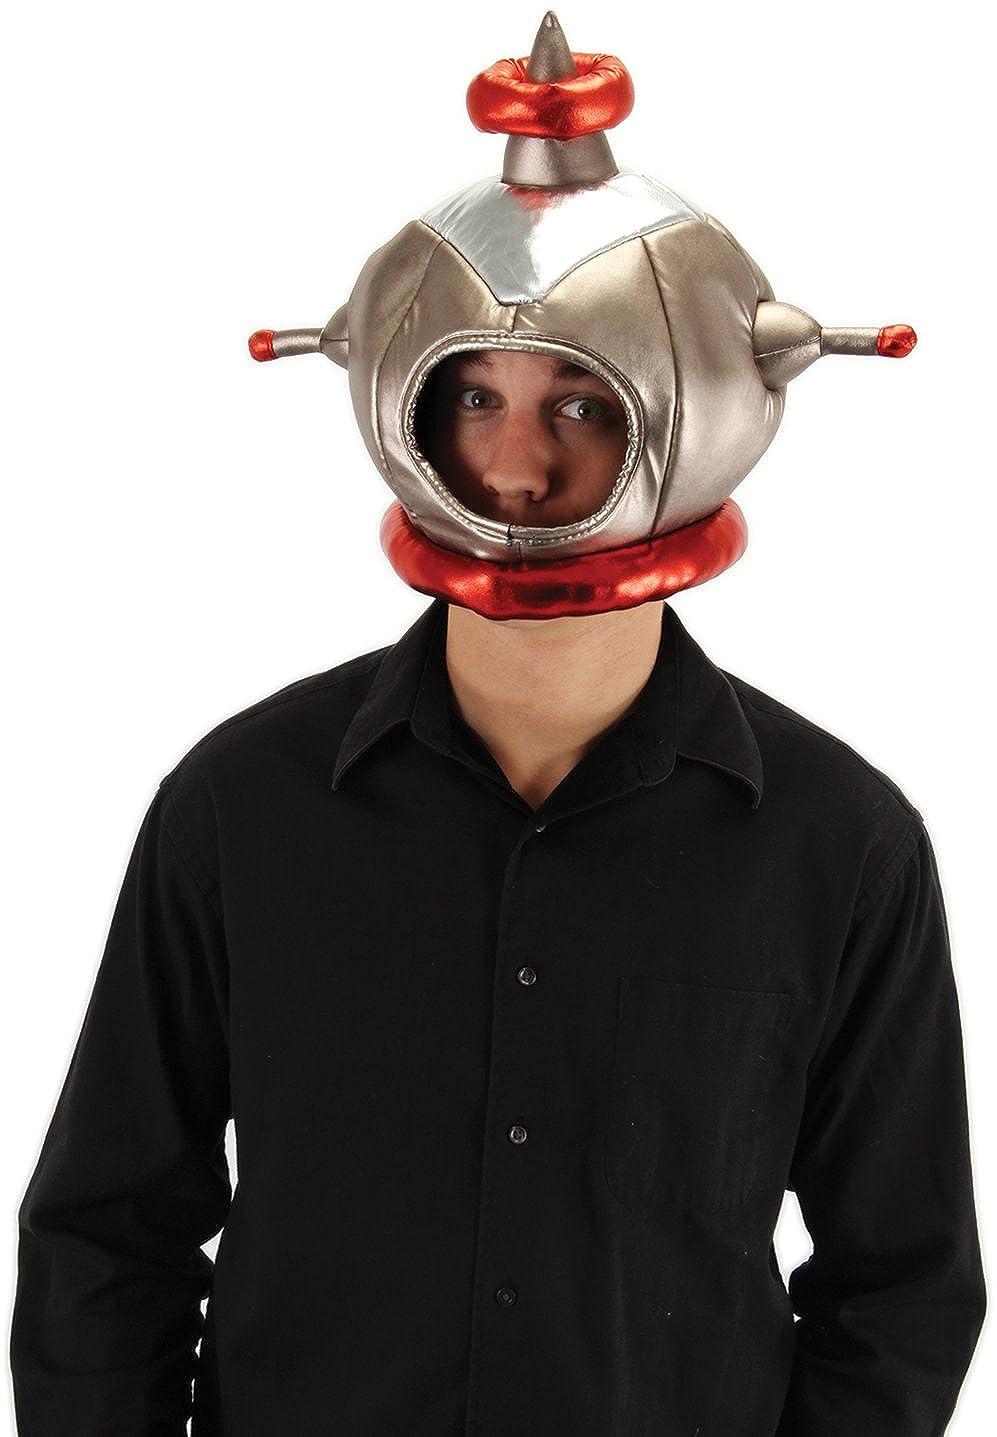 Astronaut Plush Costume Helmet